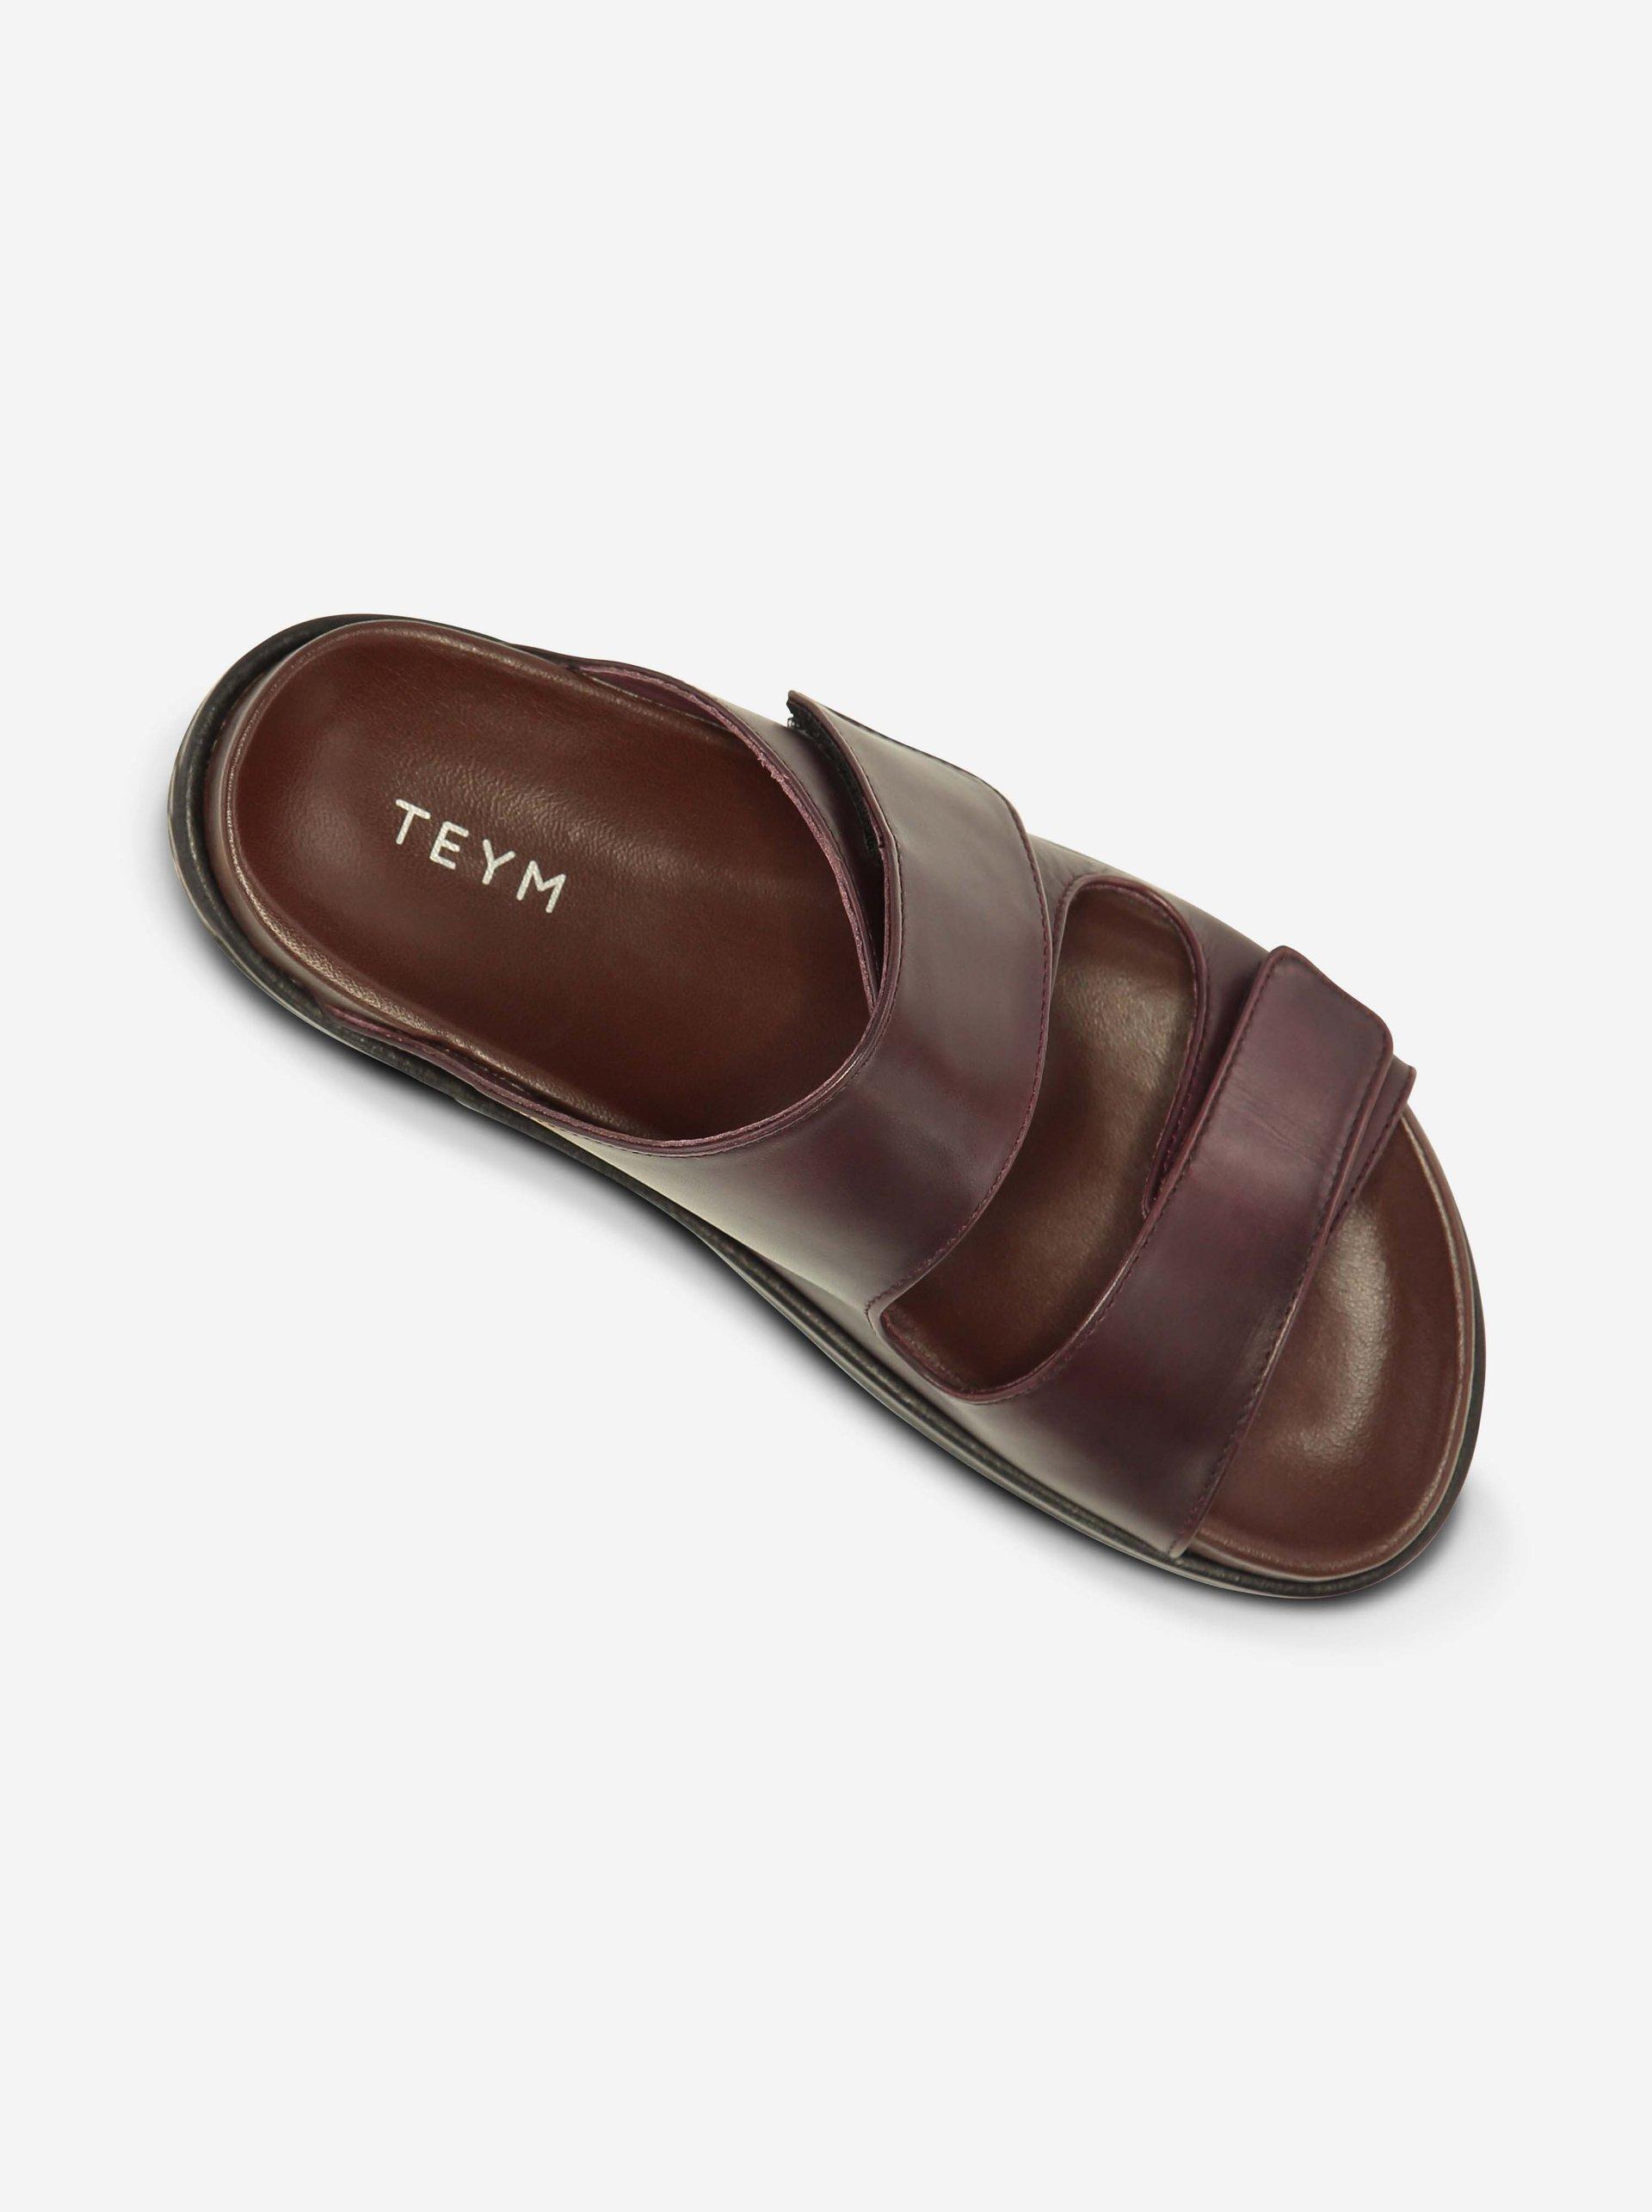 Teym-TheSandal-Burgundy-6_1920x